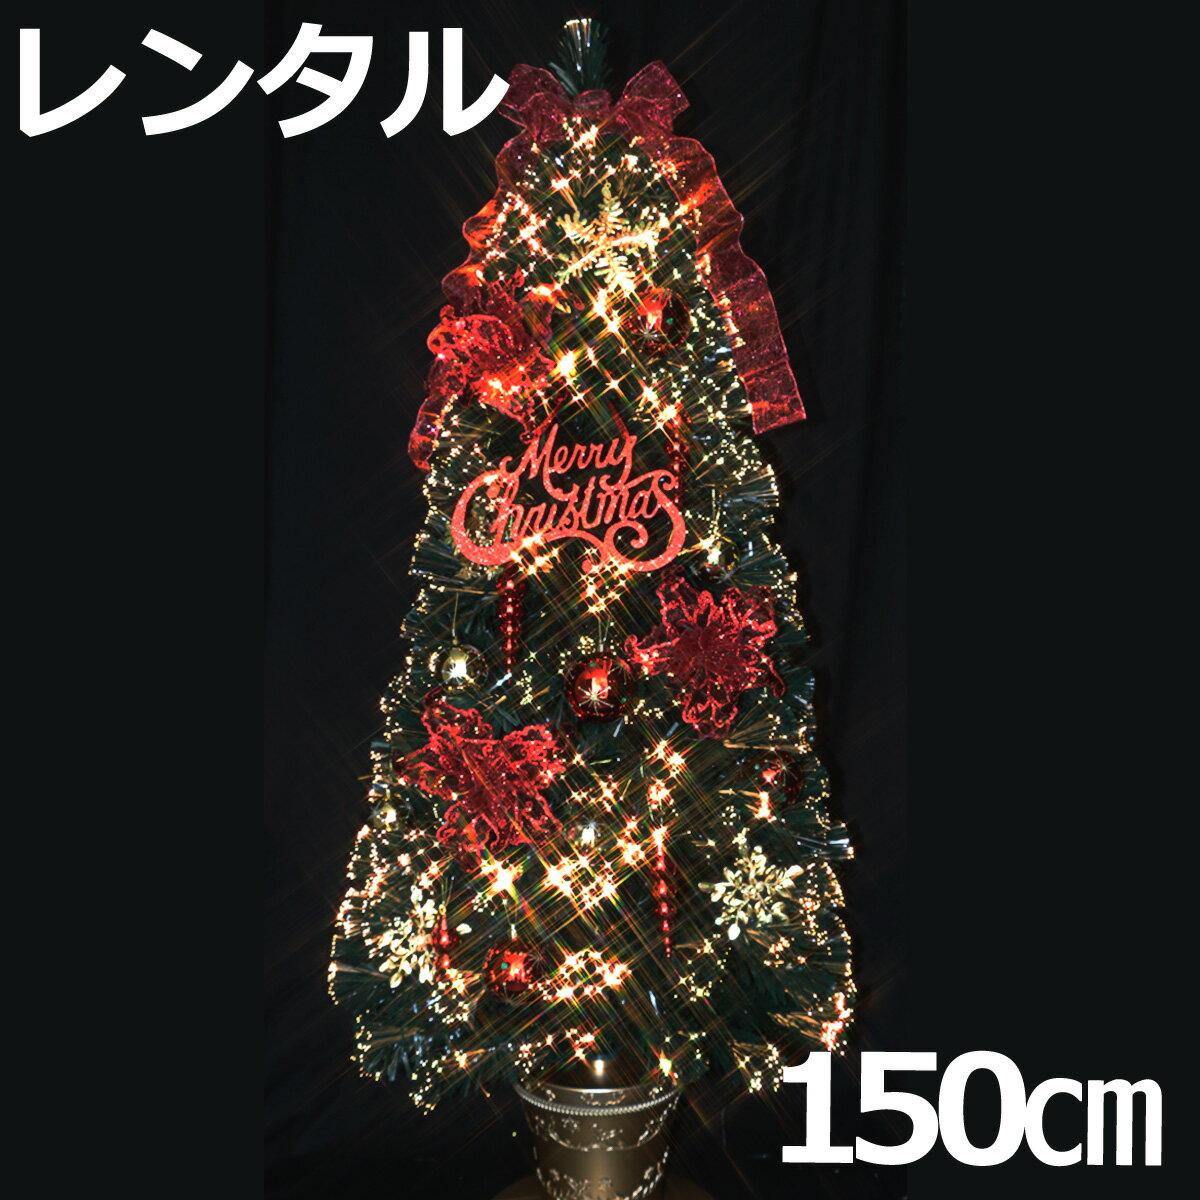 【レンタル】 クリスマスツリー ファイバー 分割型 ファイバーツリー セット 150cm レッド&ゴールド 【往復 送料無料】 クリスマスツリー レンタル fy16REN07